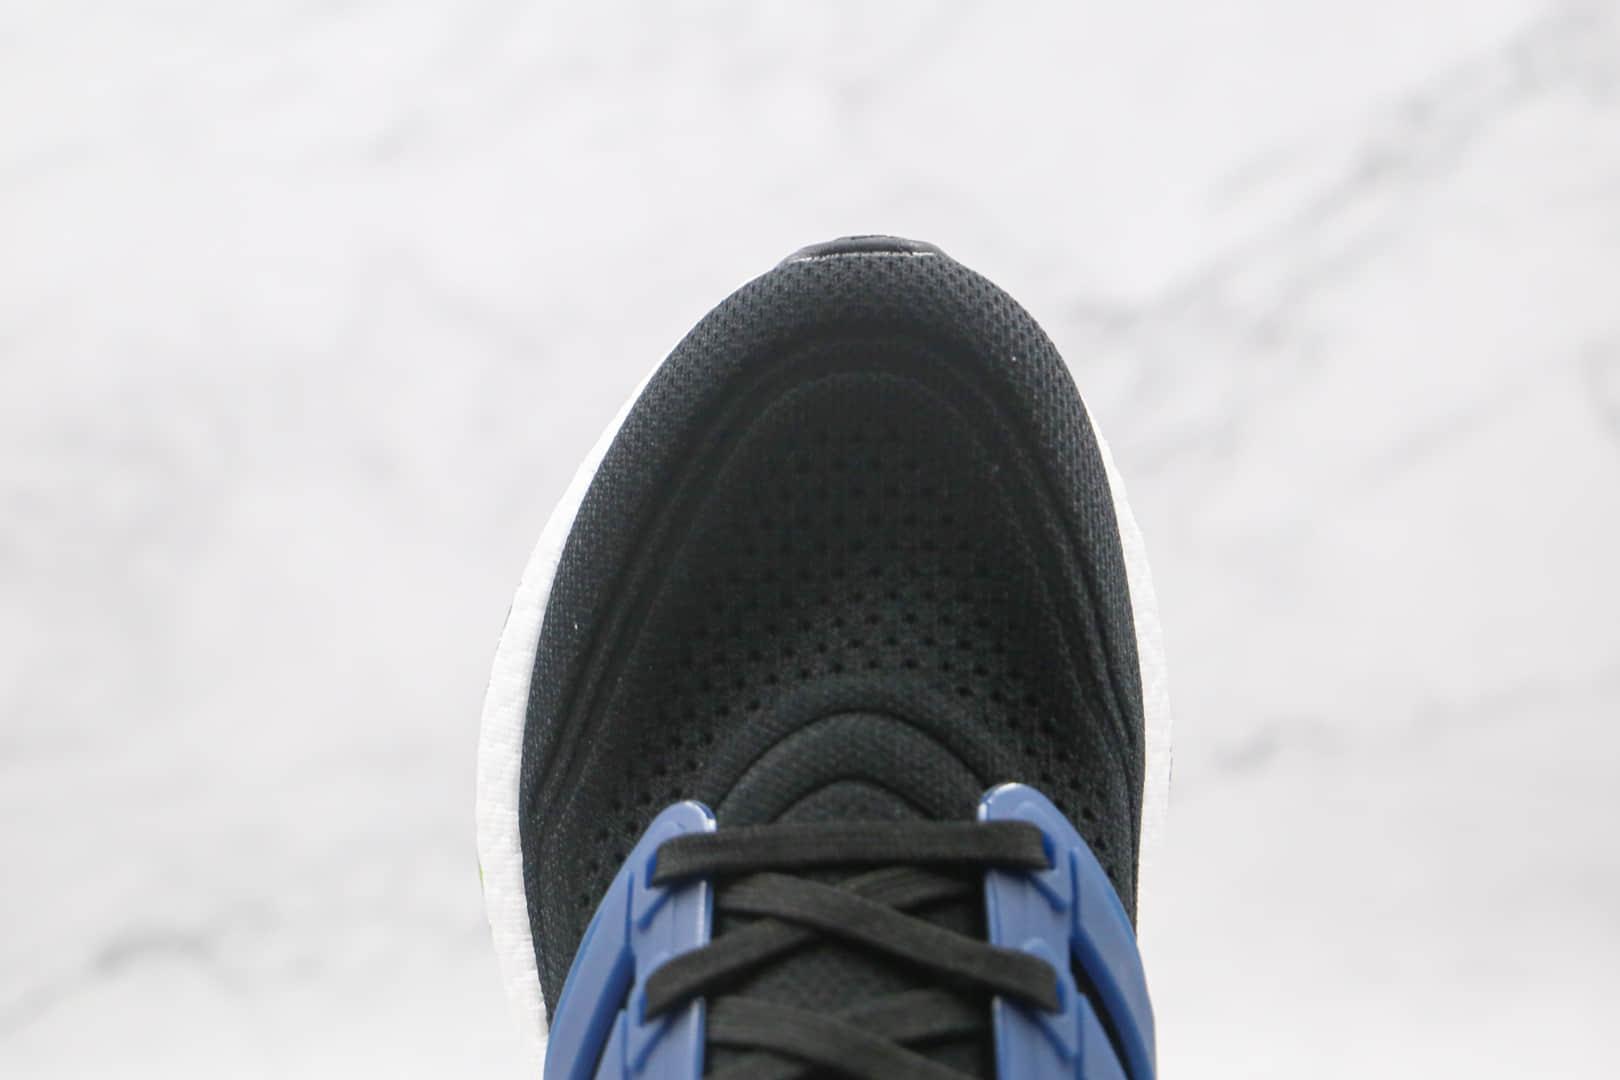 阿迪达斯adidas ultra boost 2021纯原版本爆米花跑鞋UB7.0黑蓝绿色原盒原标 货号:FY0568